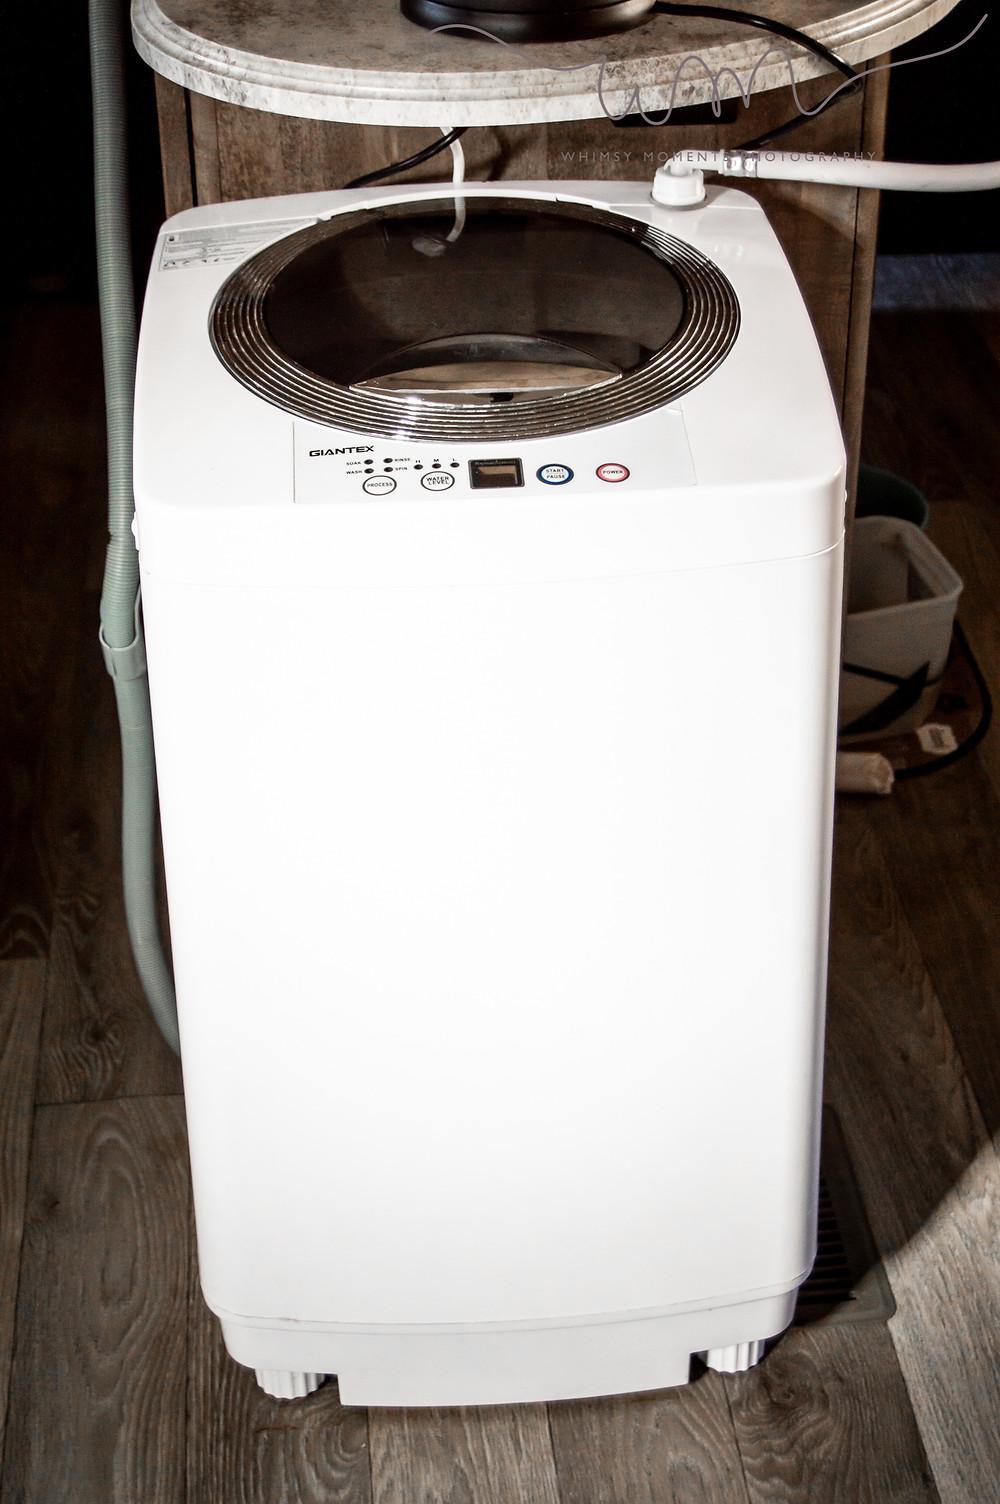 Washing machine in camper